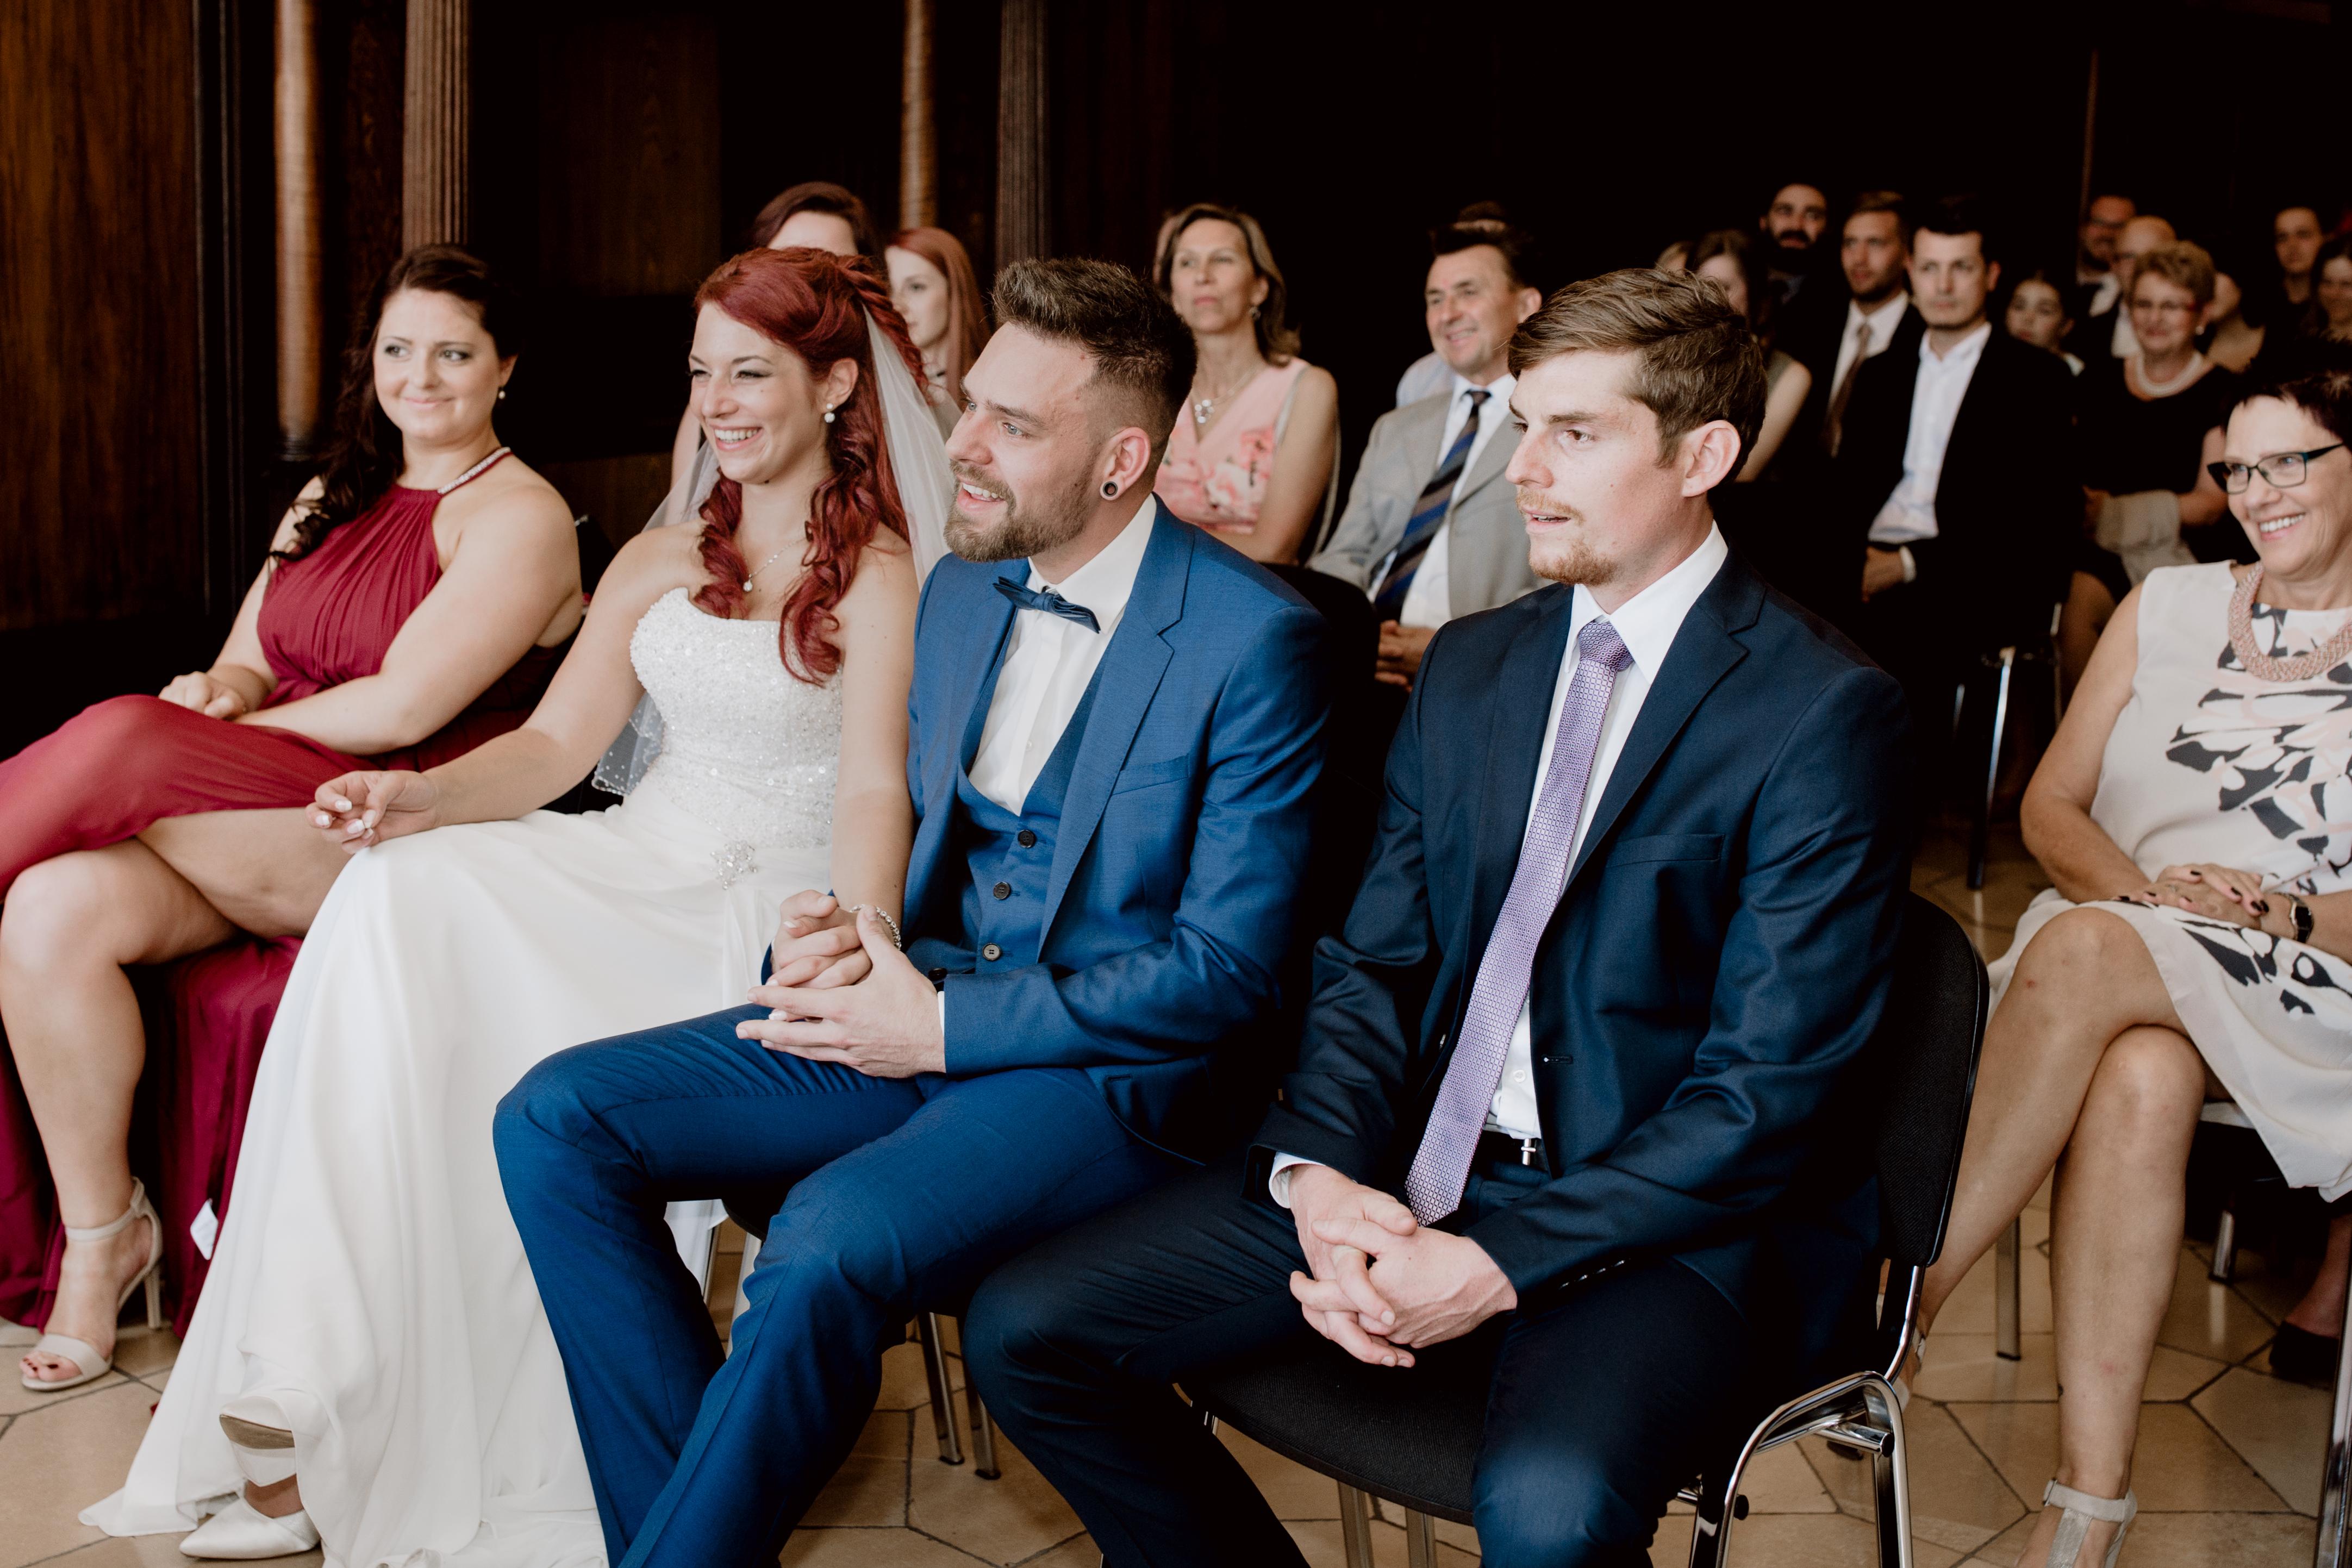 URBANERIE_Hochzeitsfotografin_Nürnberg_Fürth_Erlangen_Schwabach_170630_0130